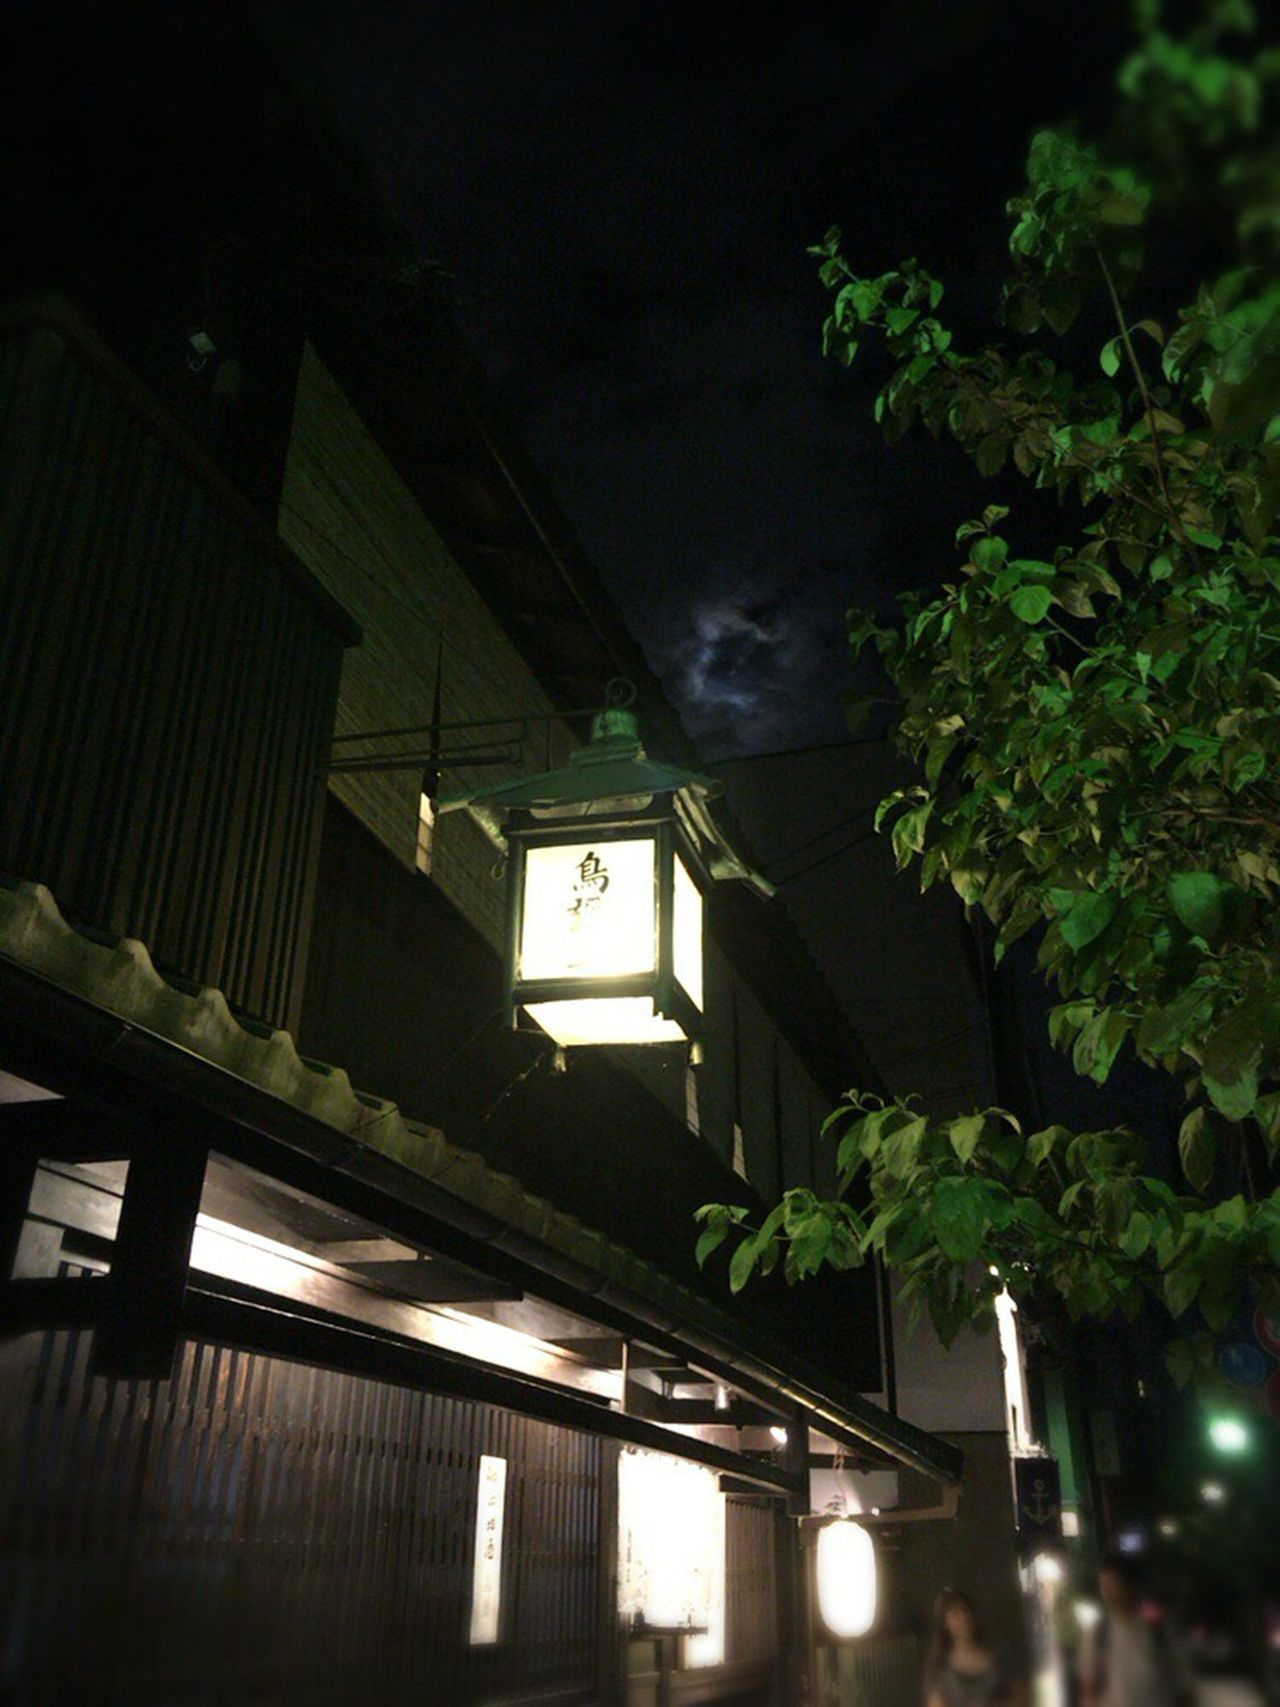 Night Light Kyoto Night Kyoto City Night Kyoto City Kyoto City Night Lights Gion Festival Gion Matsuri Kyoto,japan Night Lights Kyoto Street Kyoto NIght Lights